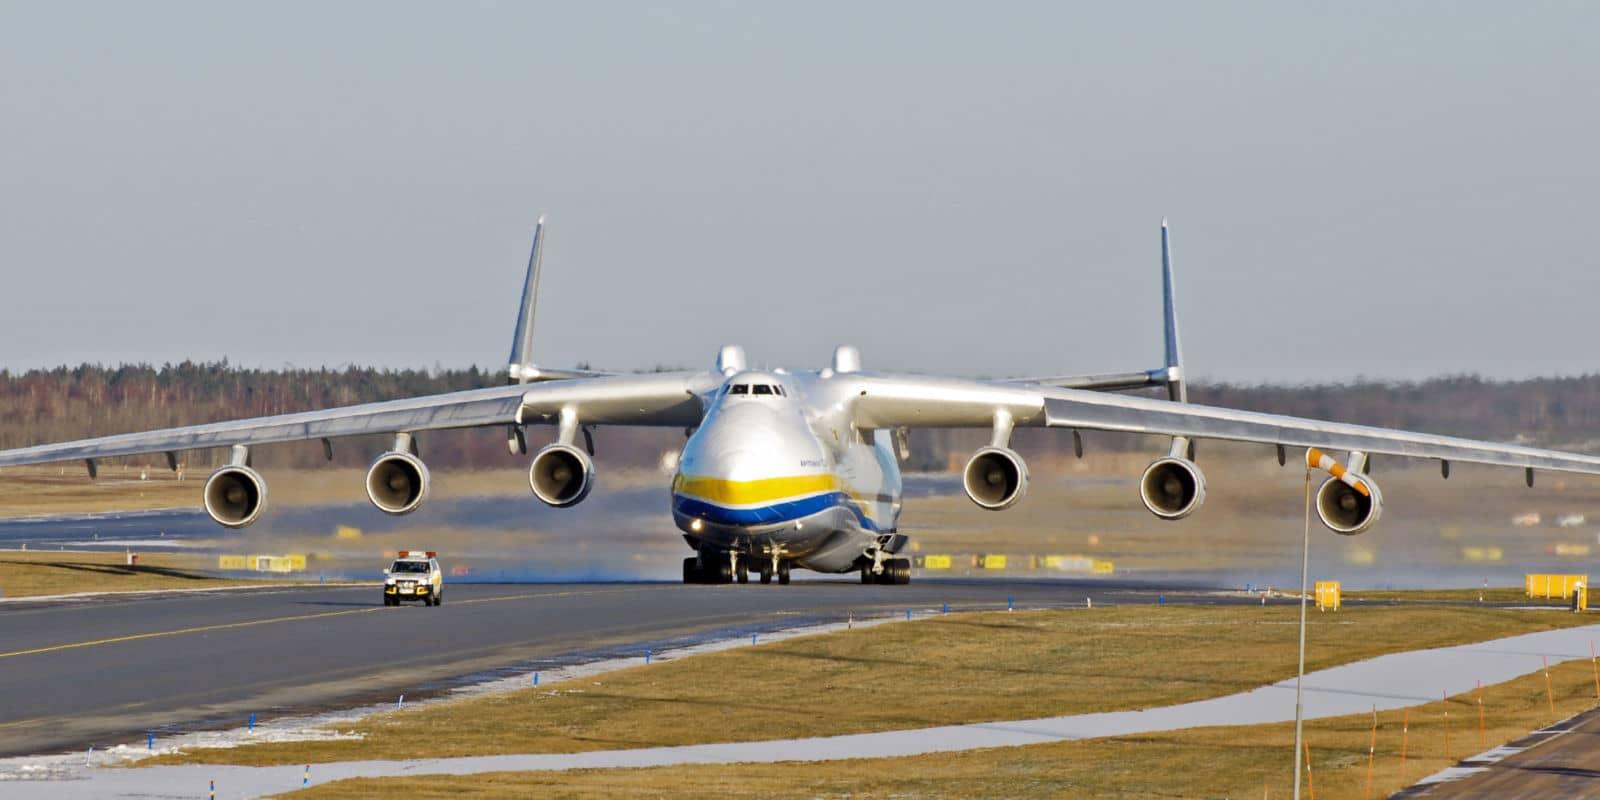 antonov-225 jet